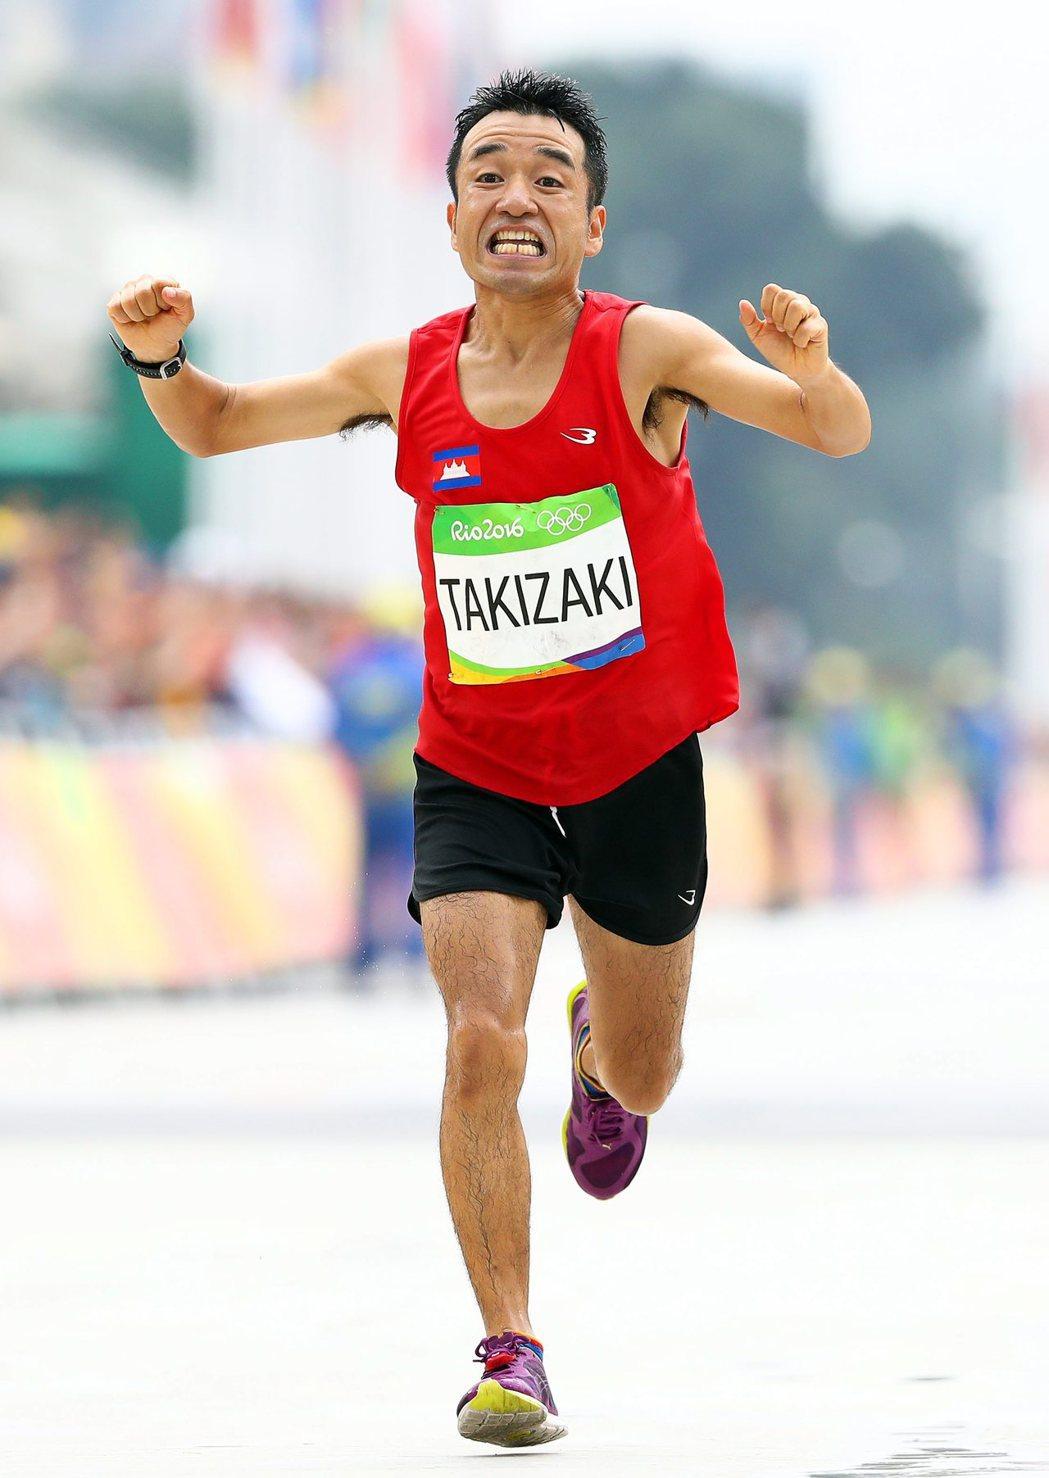 日本藝人貓廣志參加馬拉松比賽,以倒數第二完賽。 歐新社